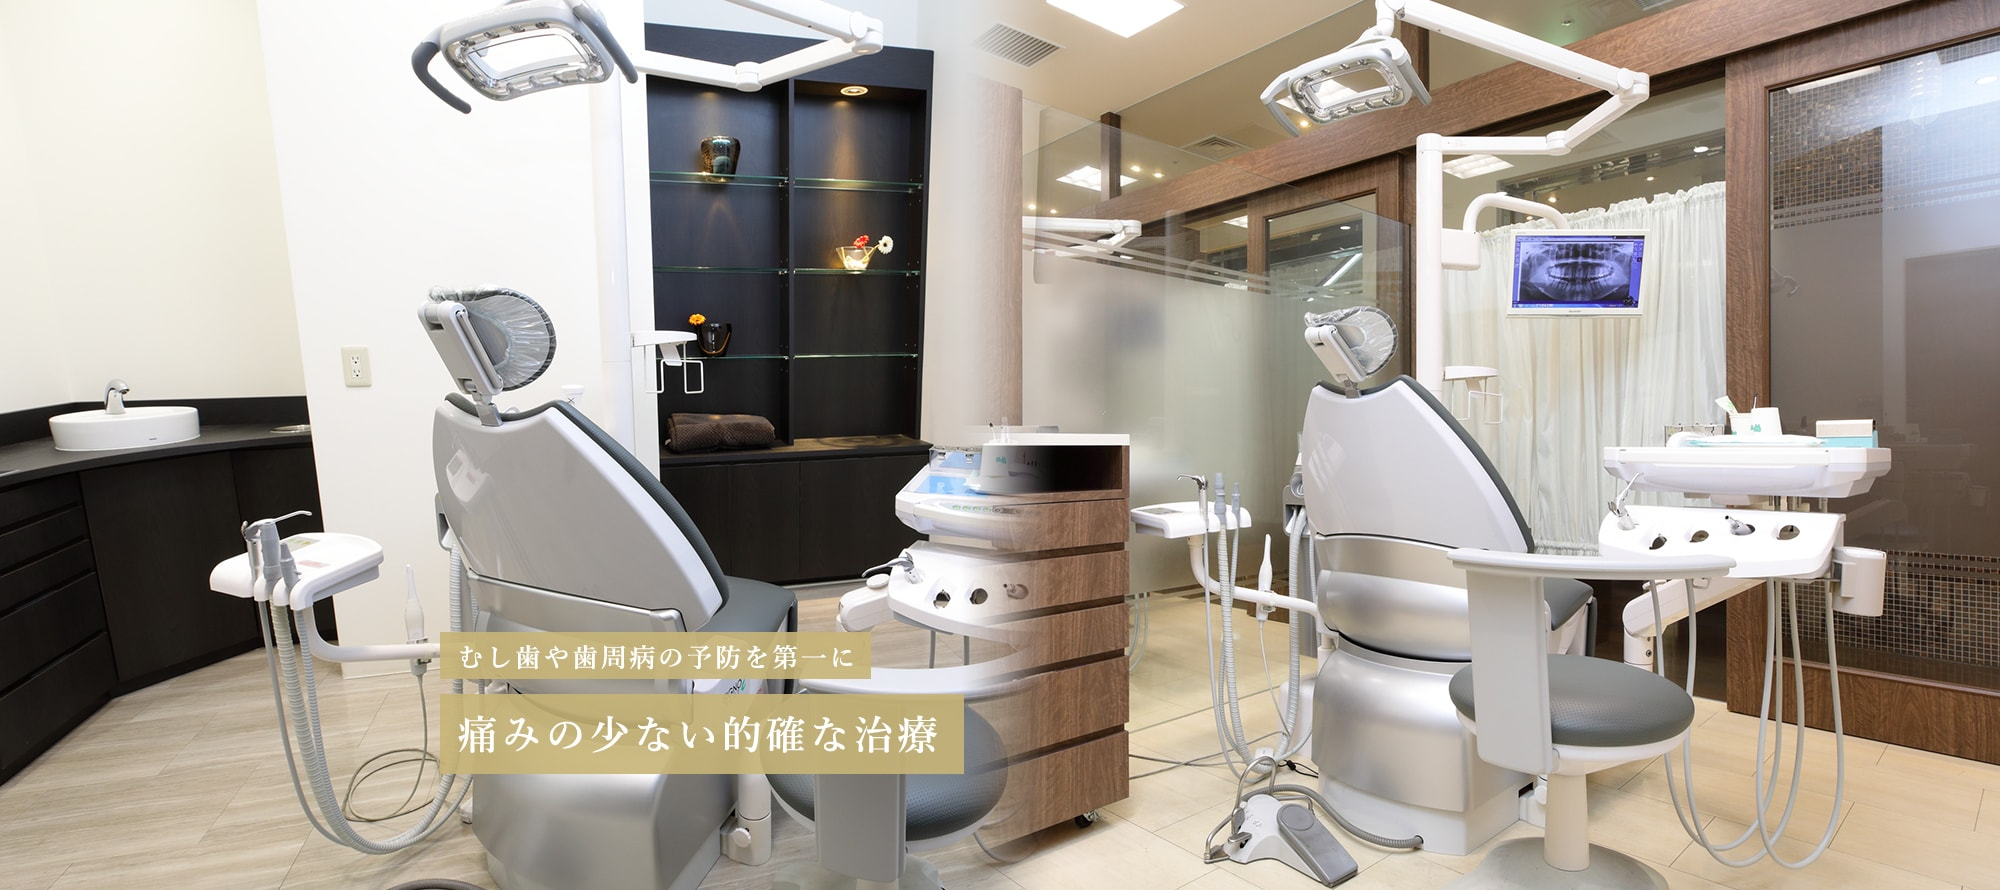 むし歯や歯周病の予防を第一に痛みの少ない的確な治療